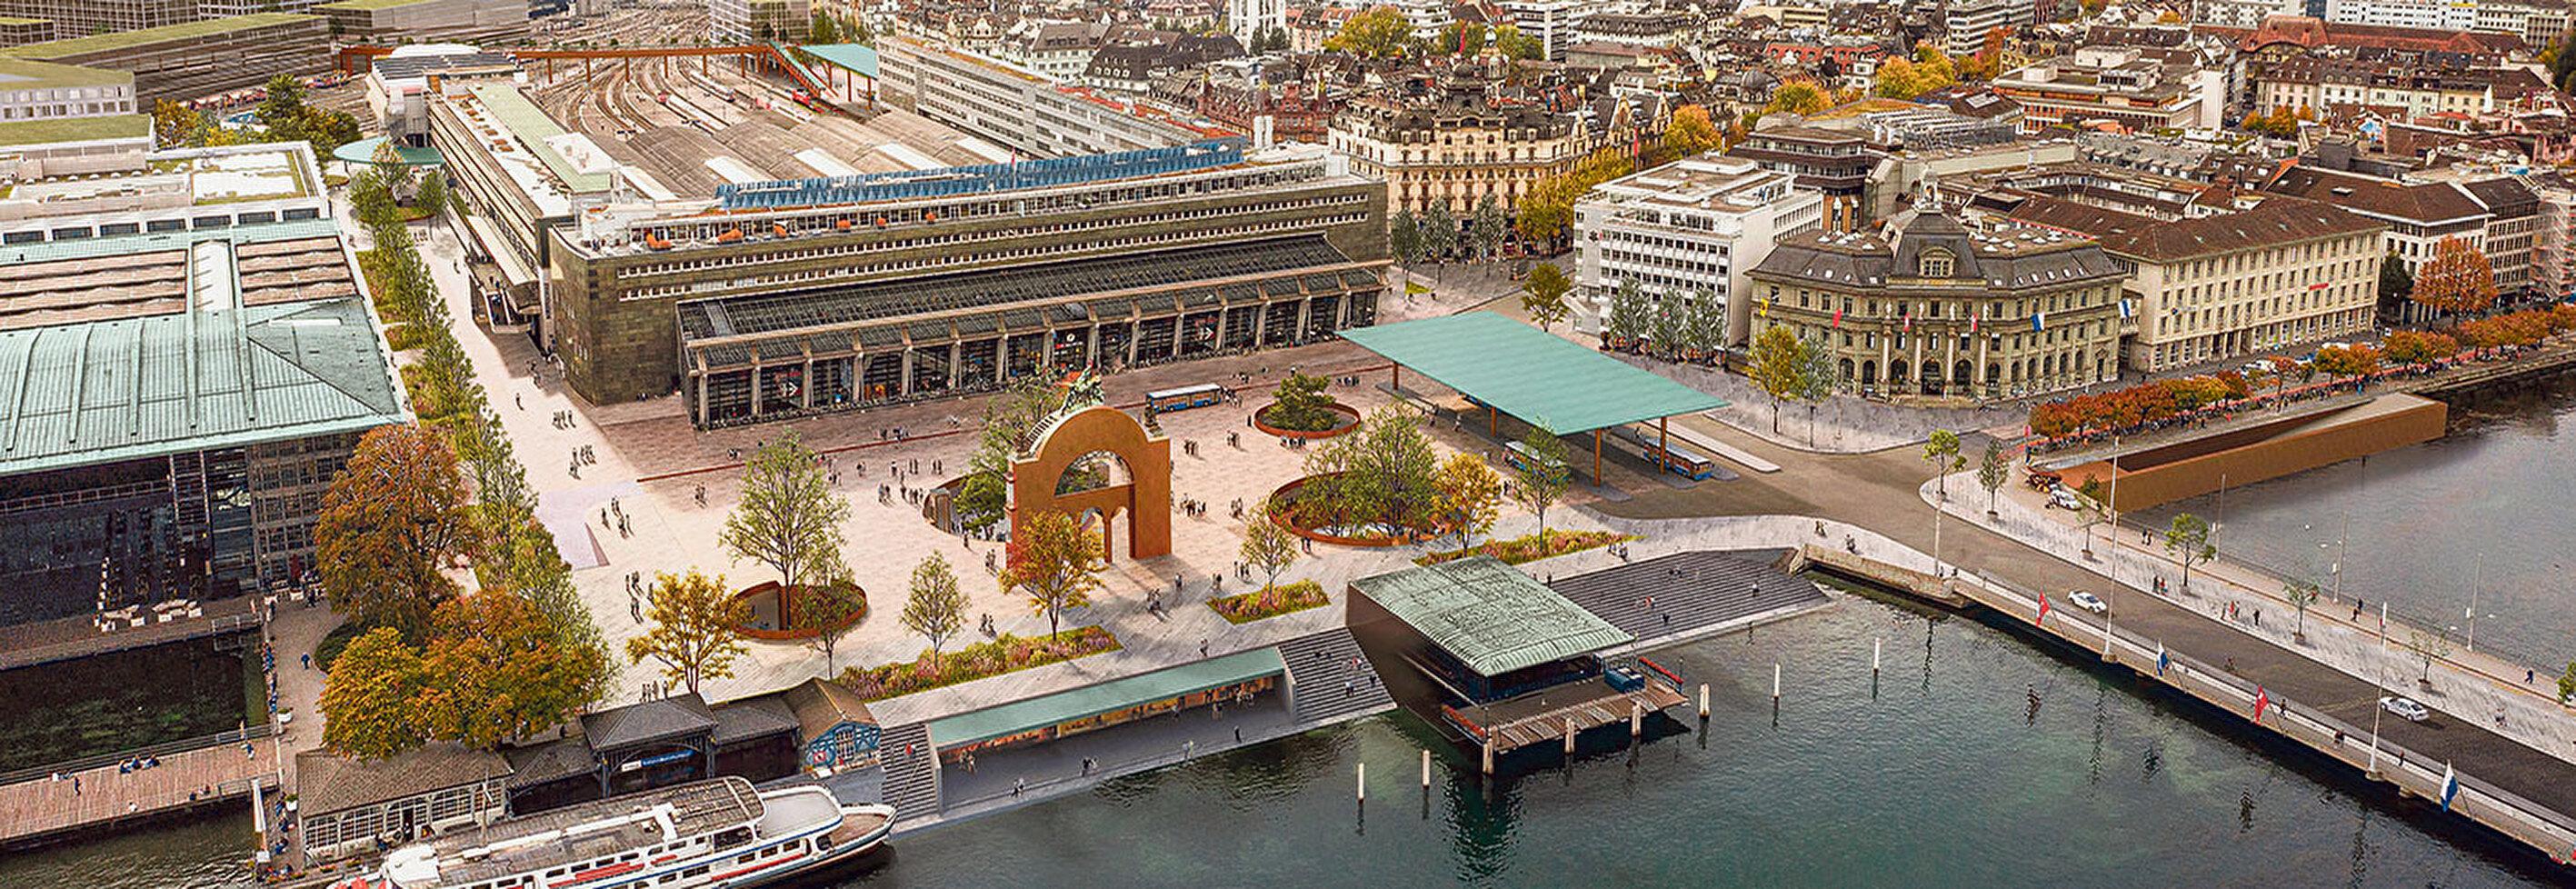 Der Durchgangsbahnhof ist auch für die Stadtentwicklung eine einmalige Chance